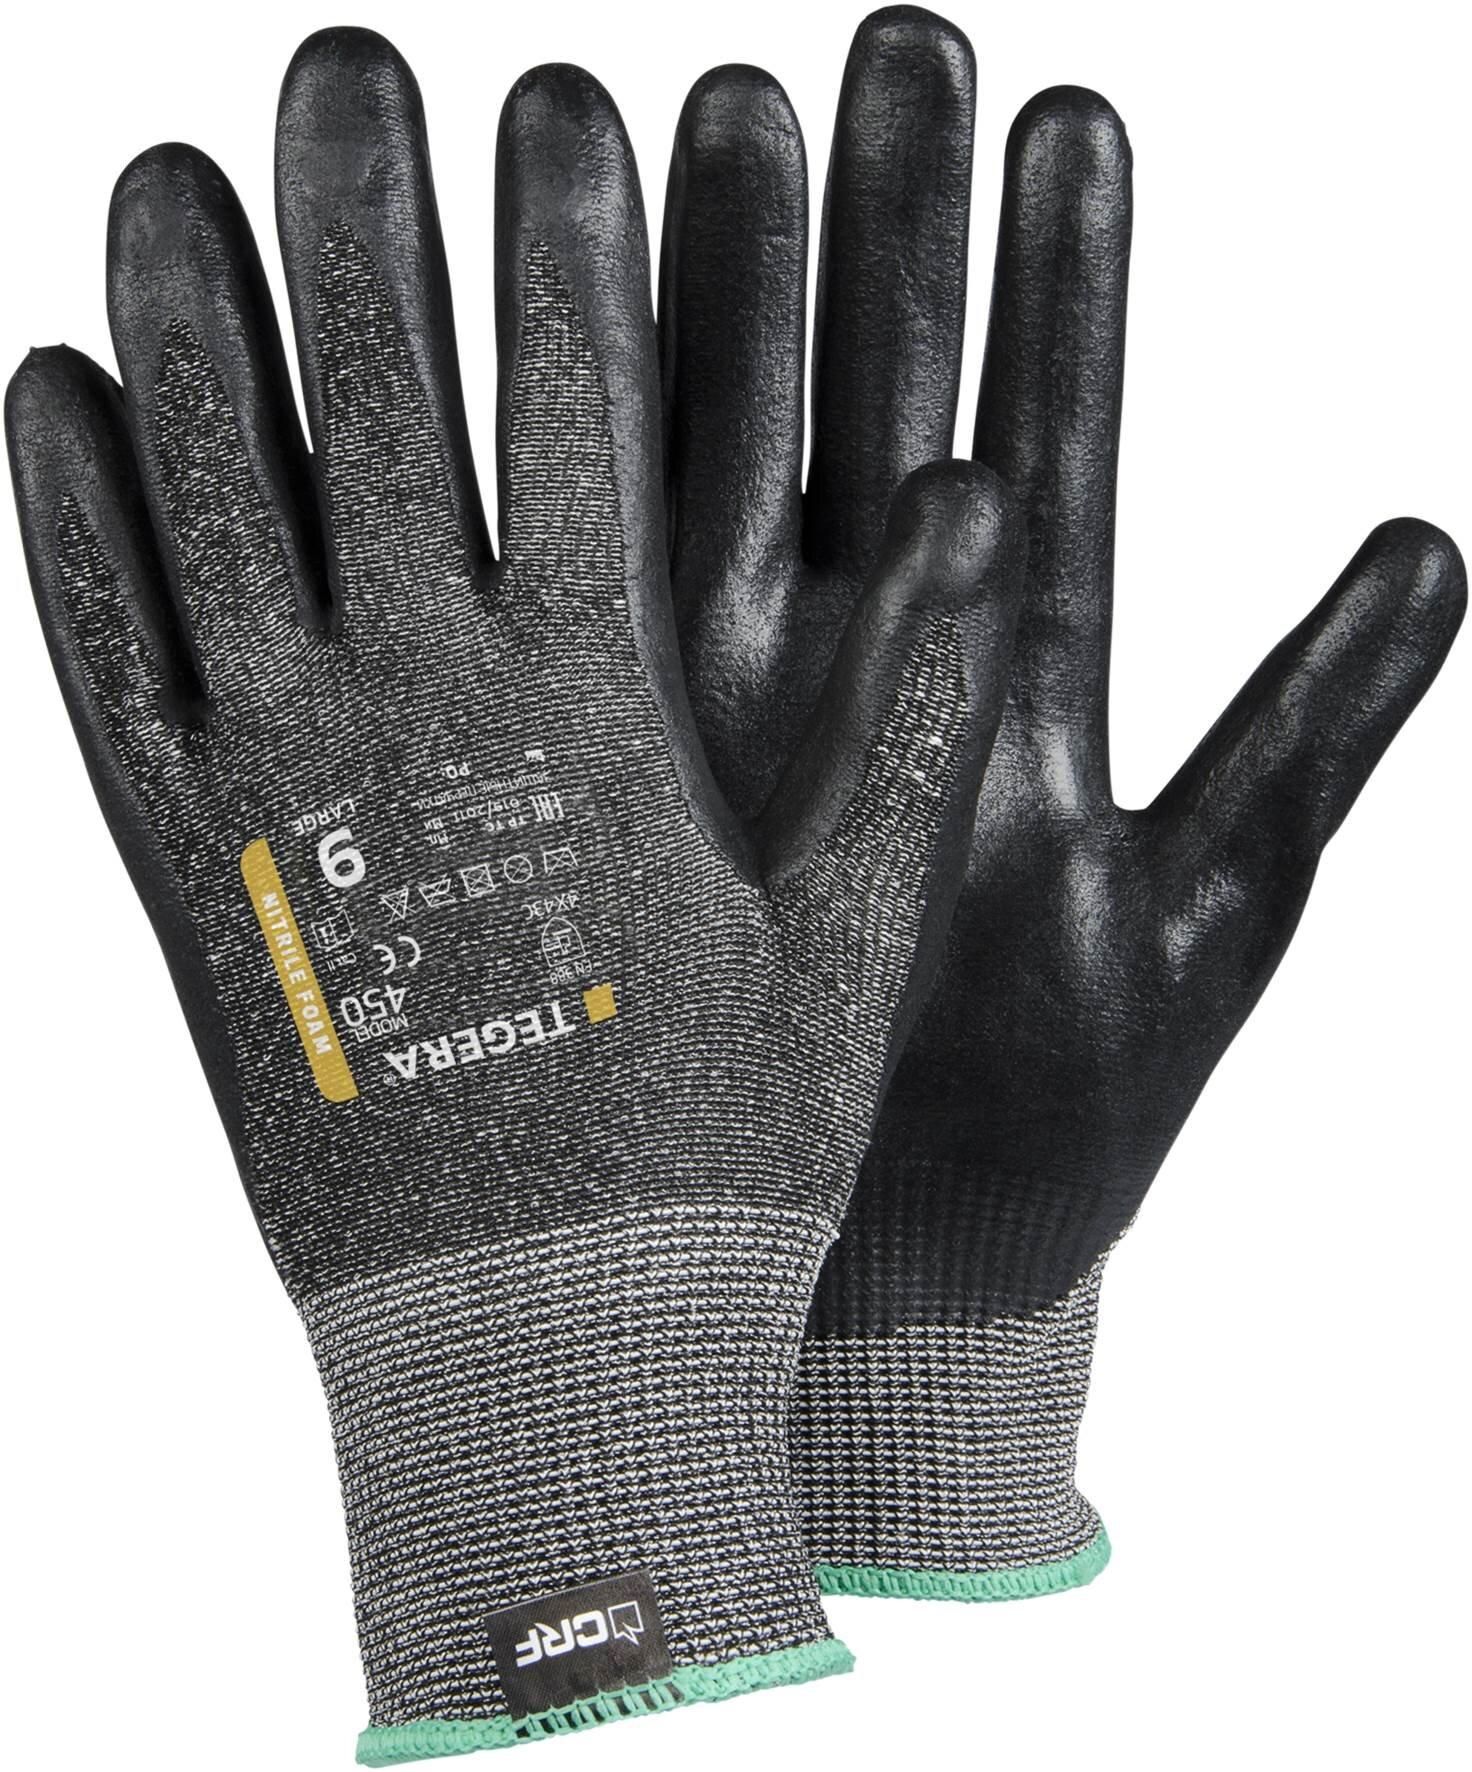 Tegera 450 Cut C Glove